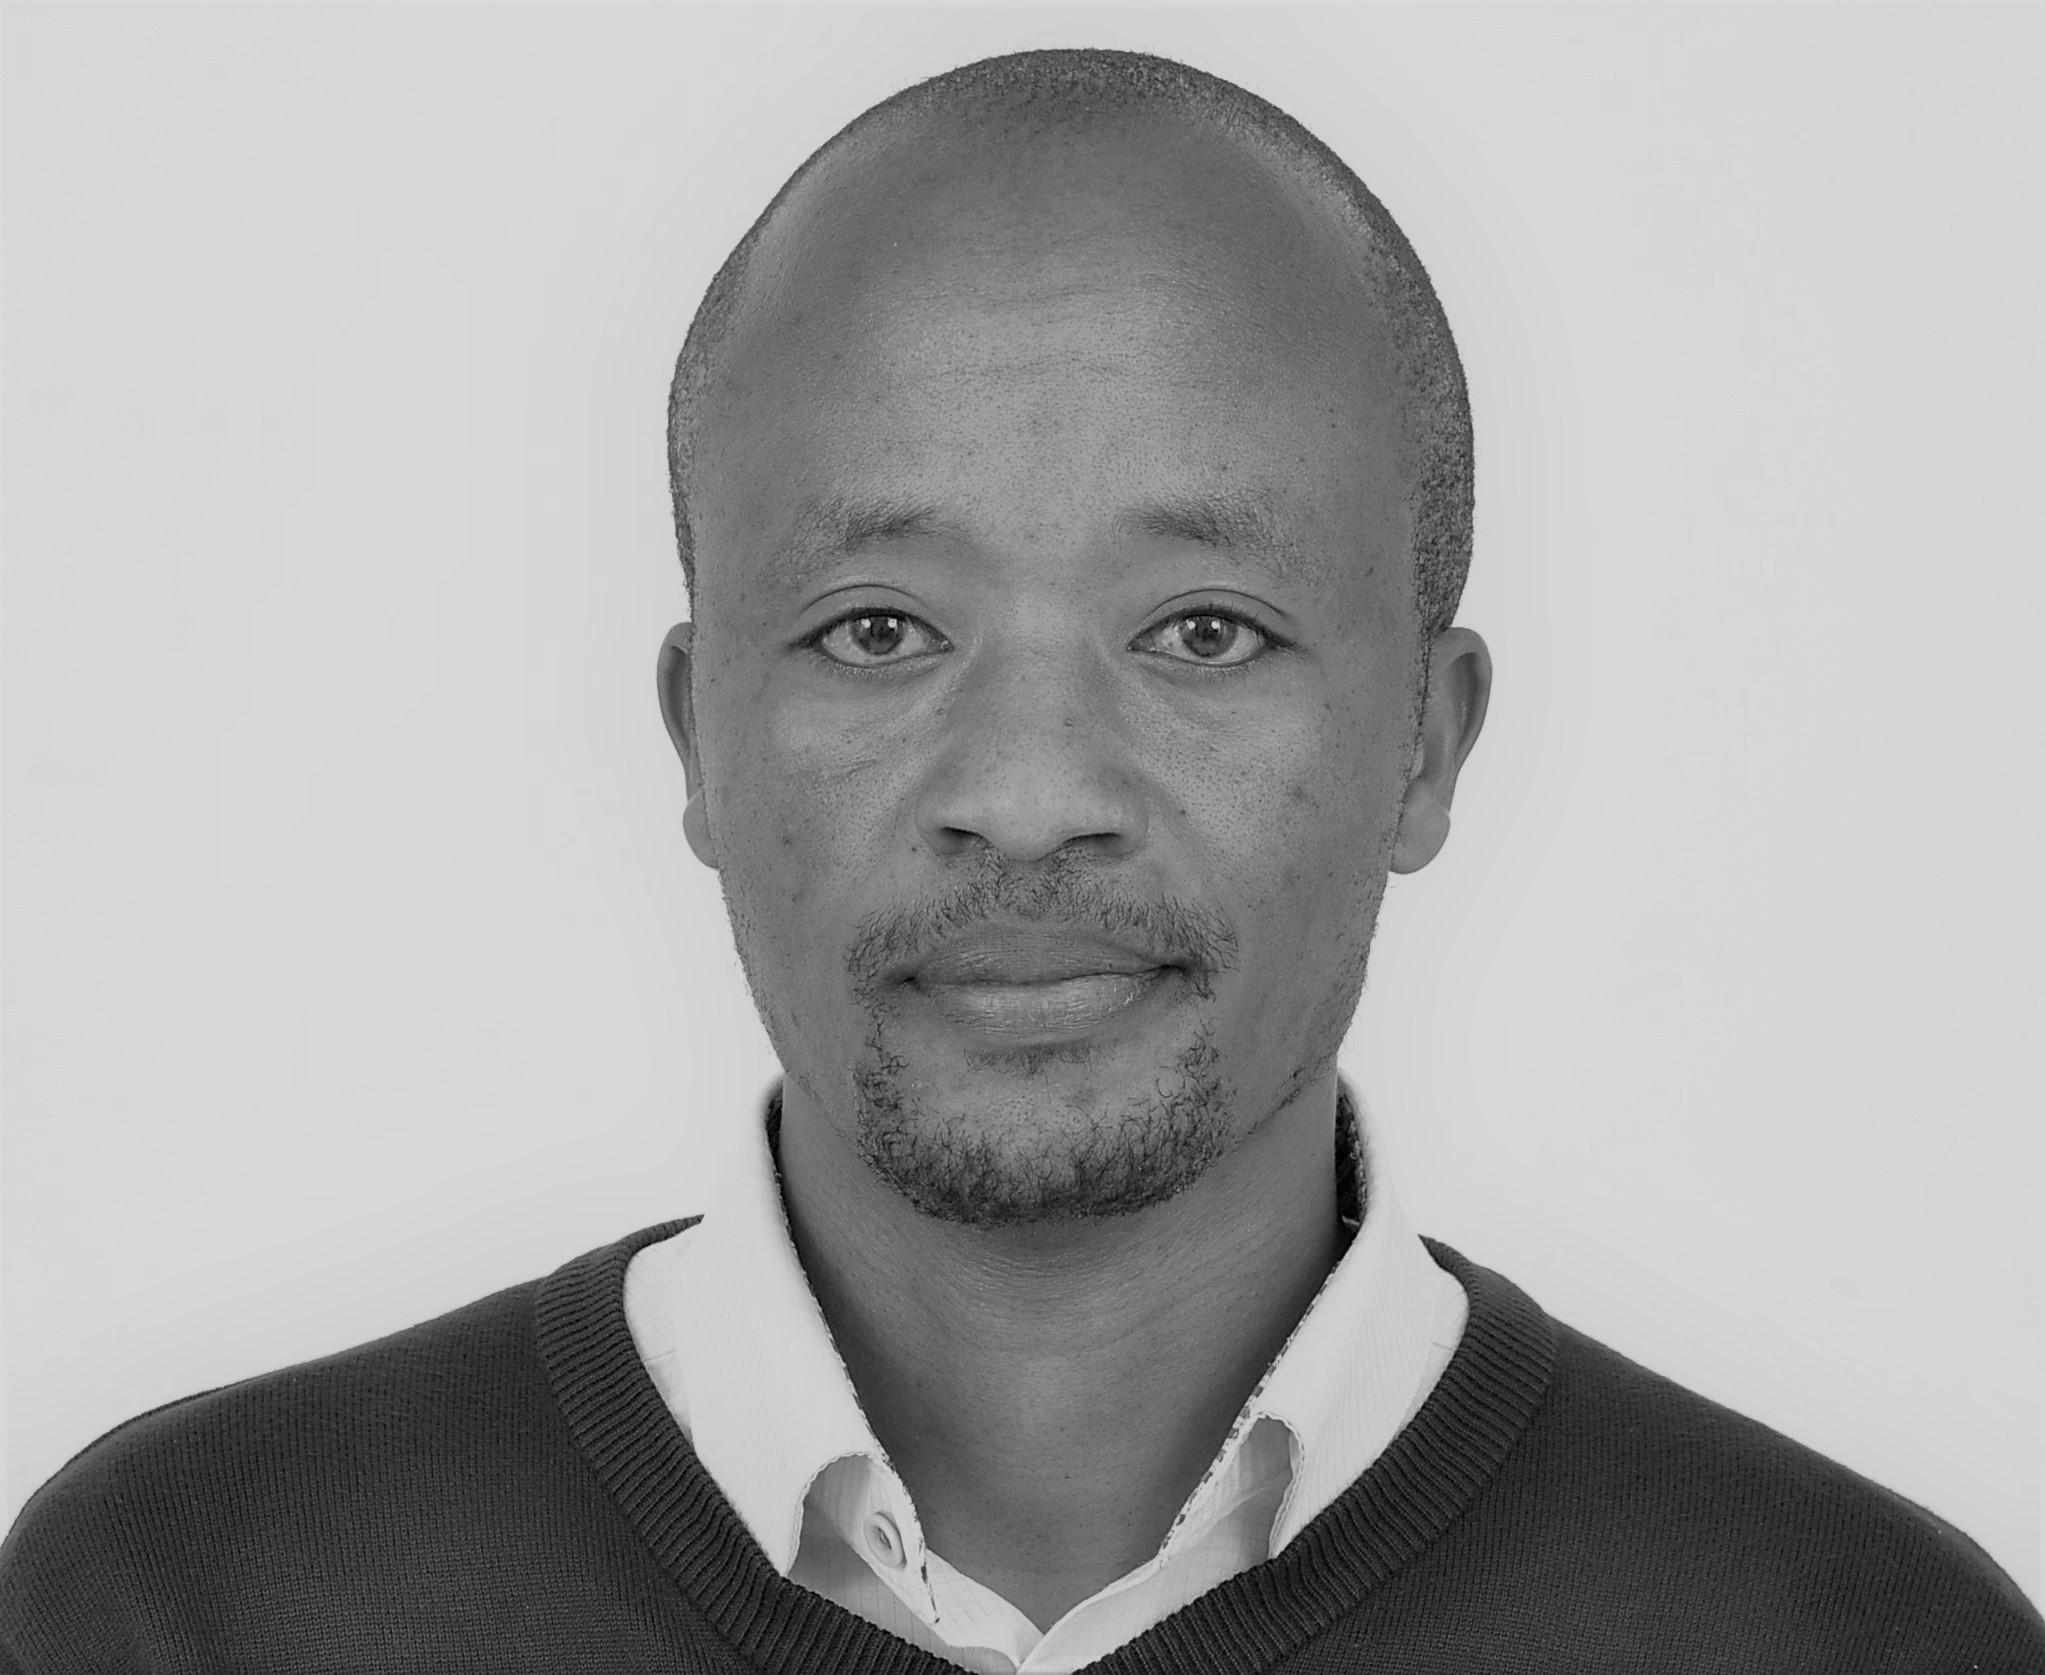 Bernard Kilonzo